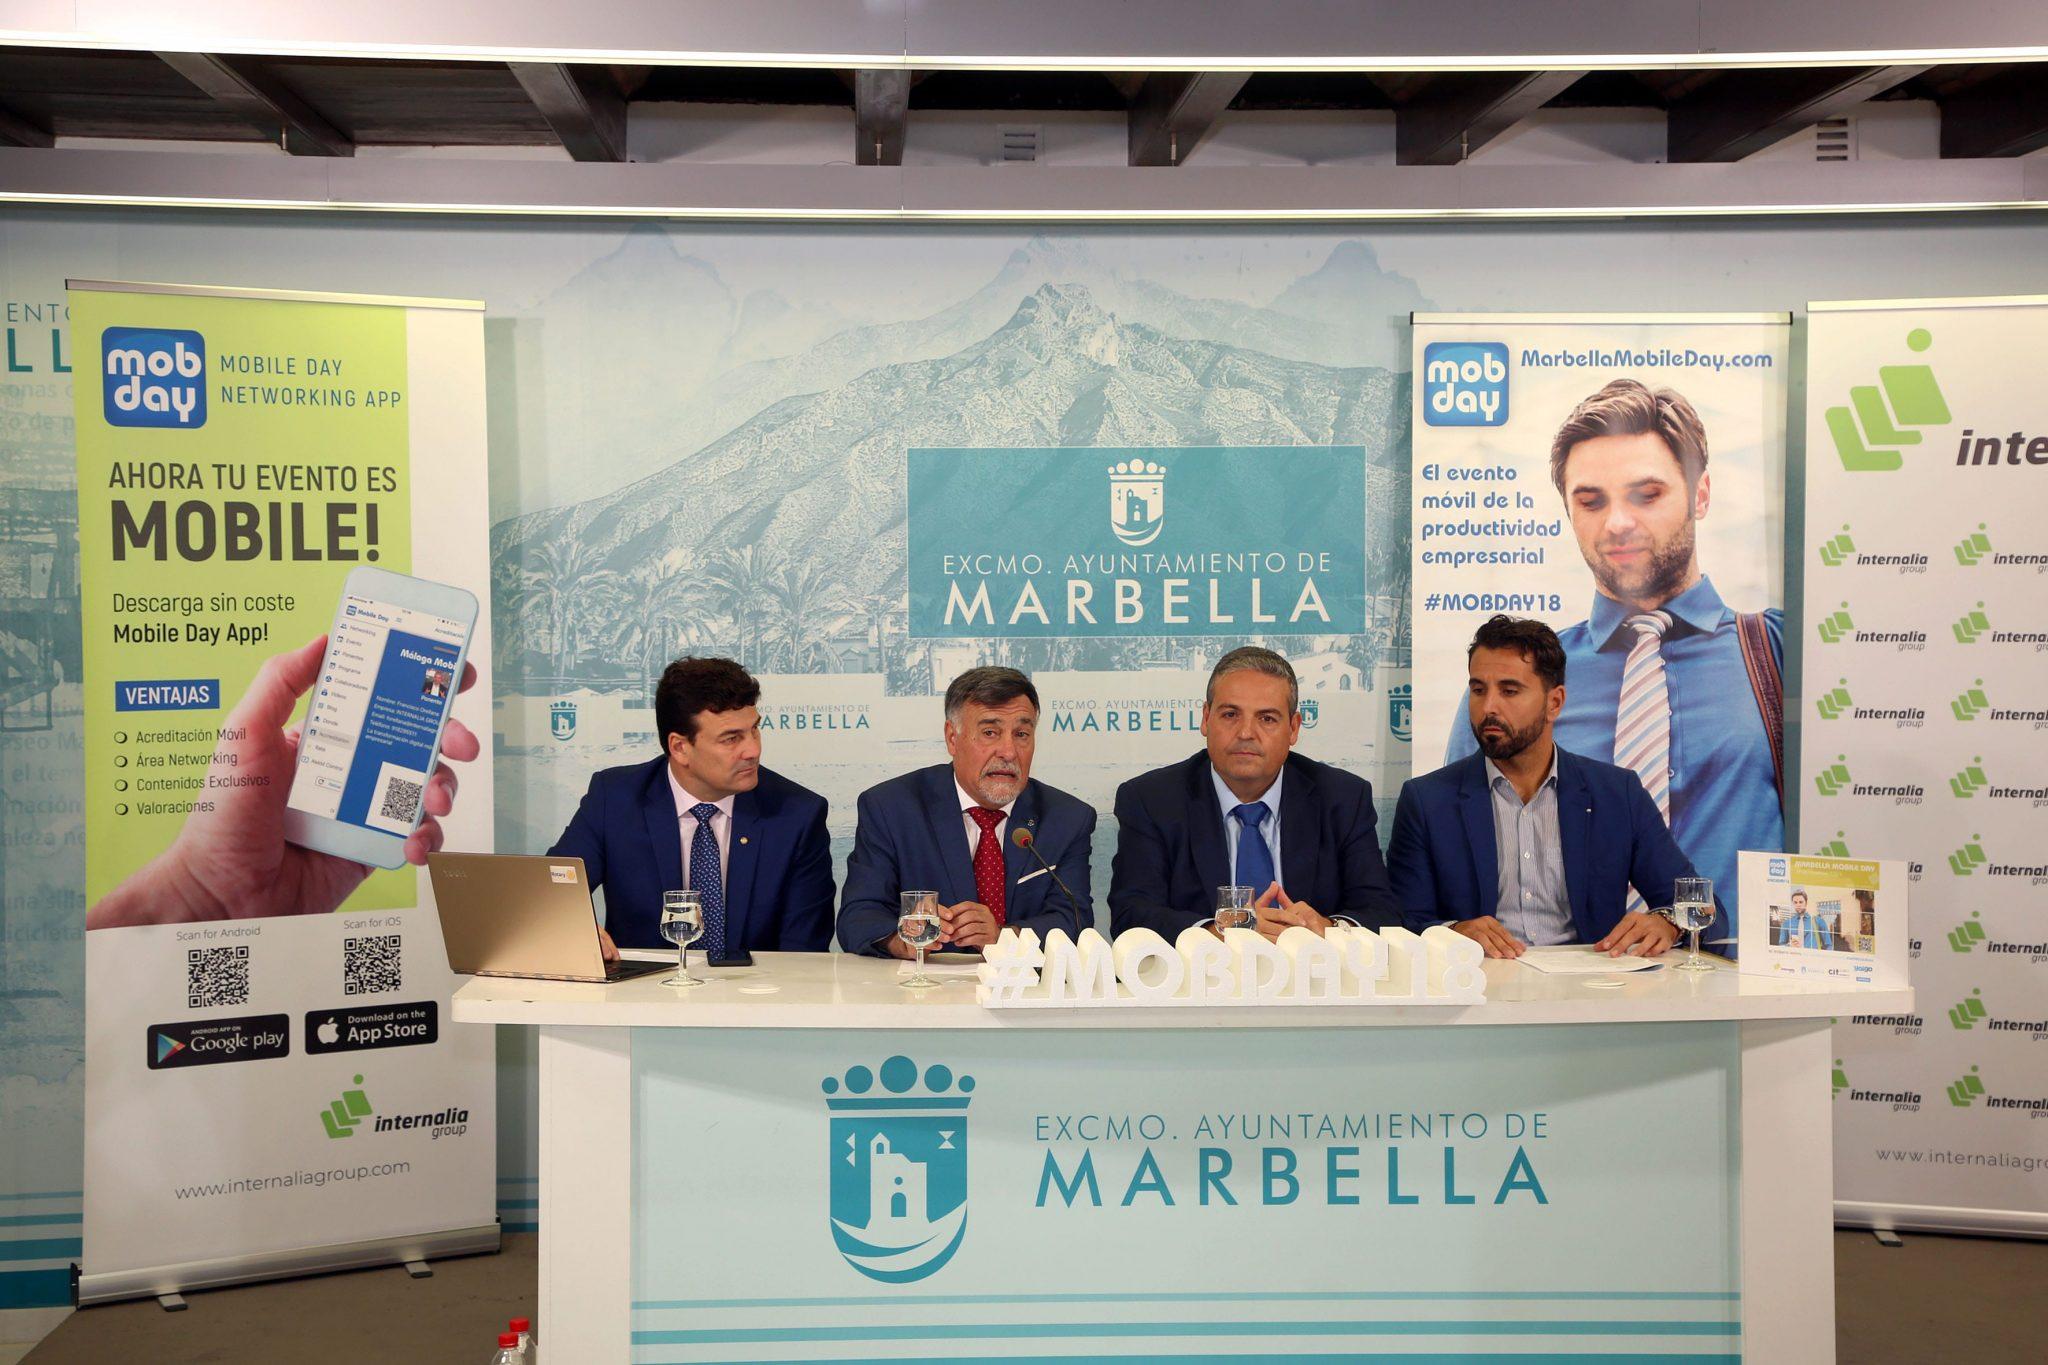 El Palacio de Congresos Adolfo Suárez acogerá el próximo 14 de noviembre el congreso Marbella Mobile Day 2018